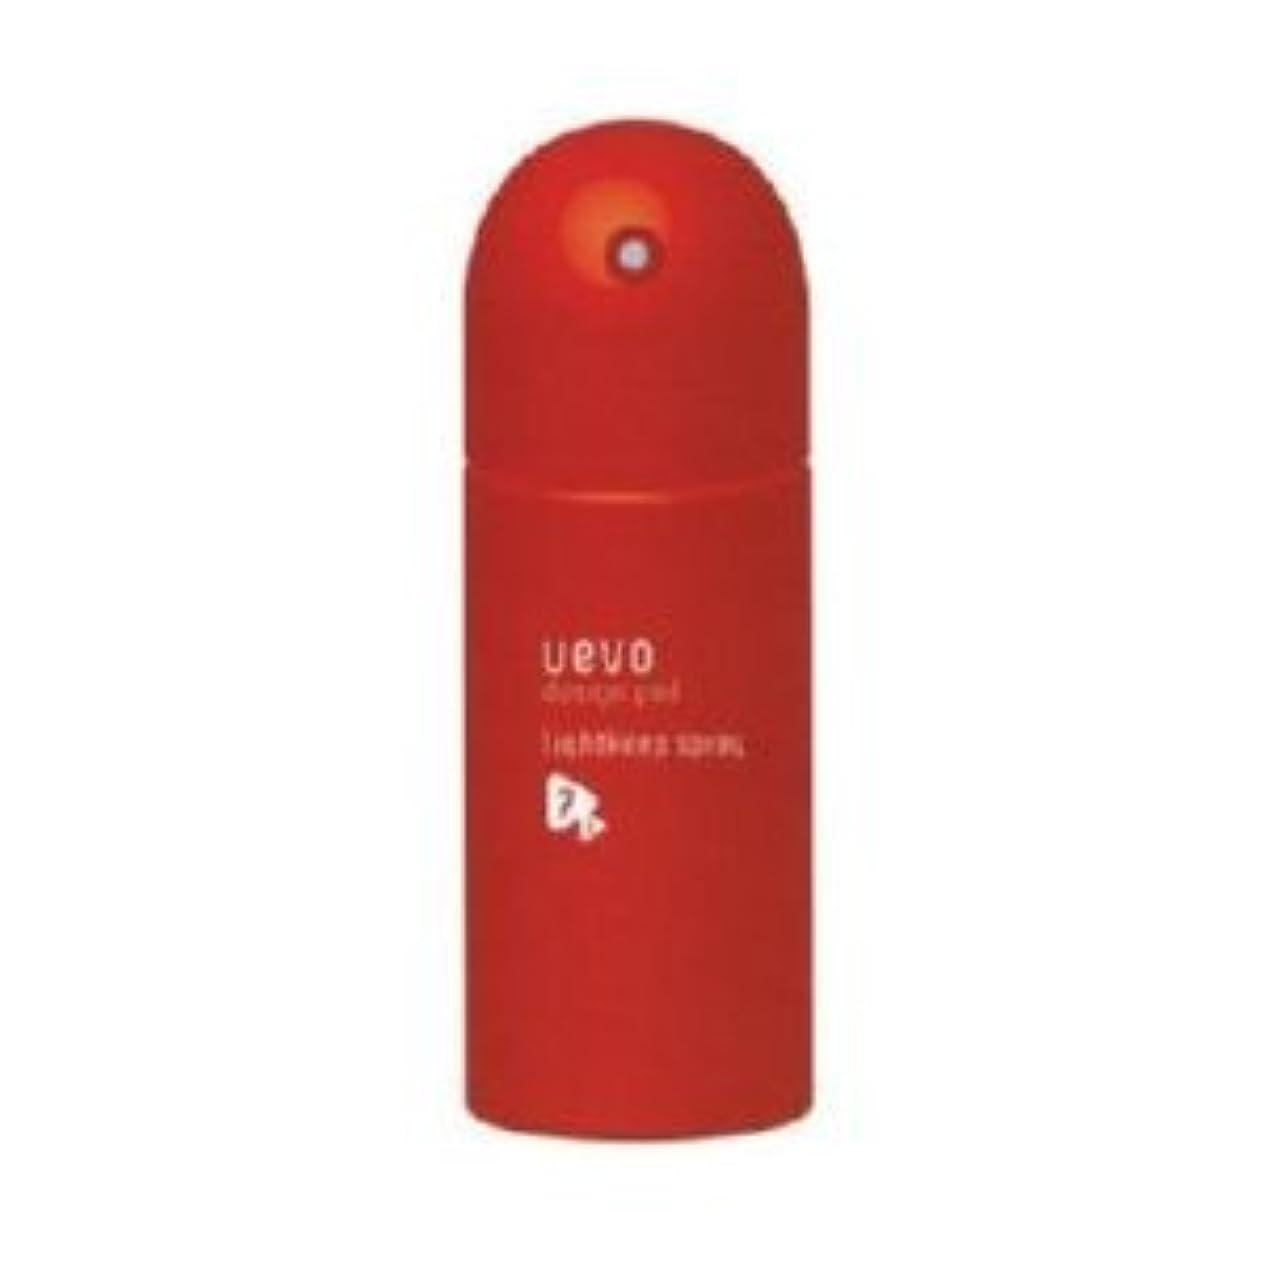 一時解雇する綺麗な壁紙【X3個セット】 デミ ウェーボ デザインポッド ライトキープスプレー 220ml lightkeep spray DEMI uevo design pod